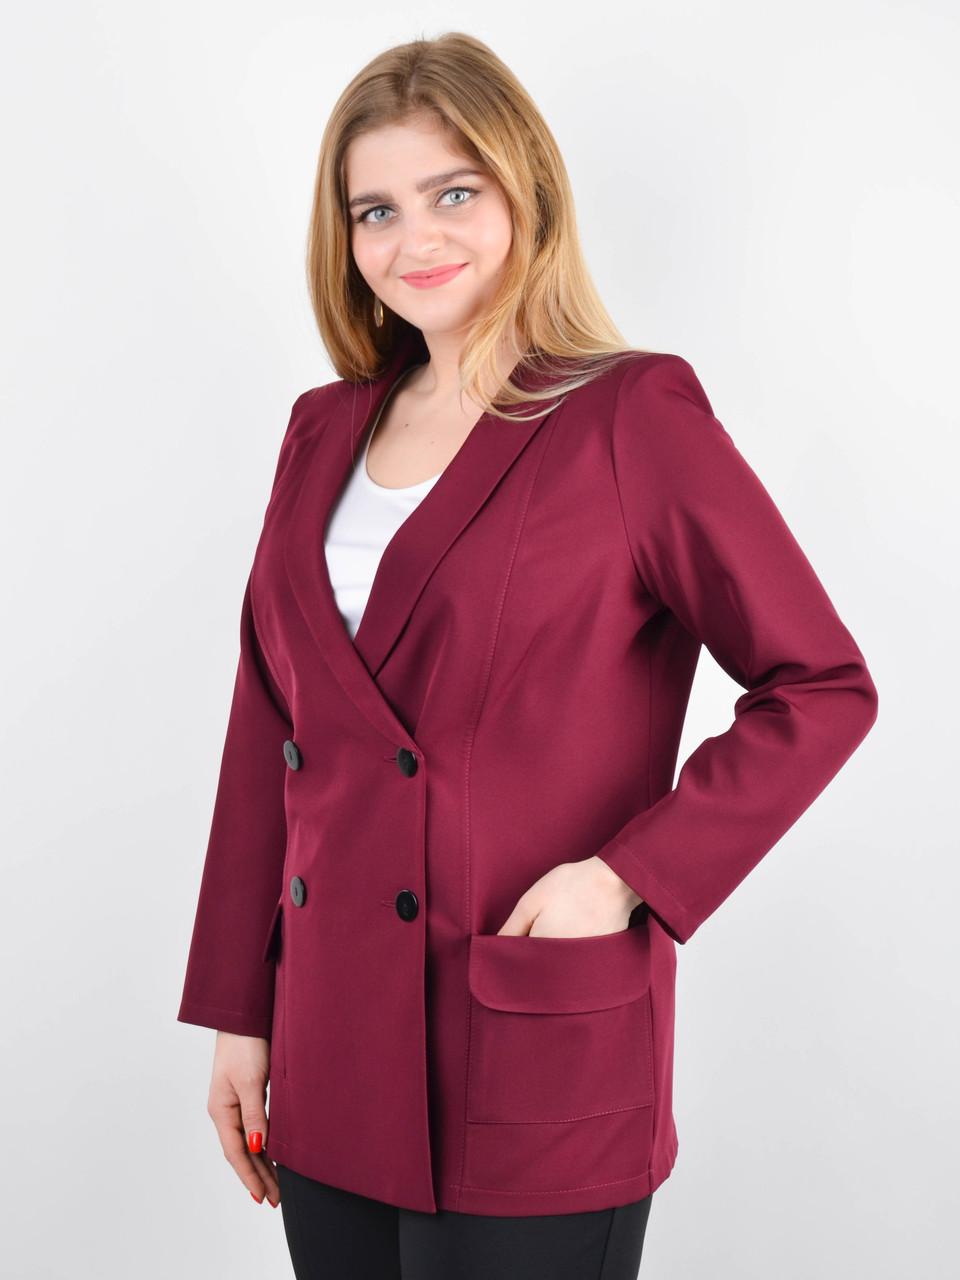 Дольче. Піджак для офісу plus size. Бордо.